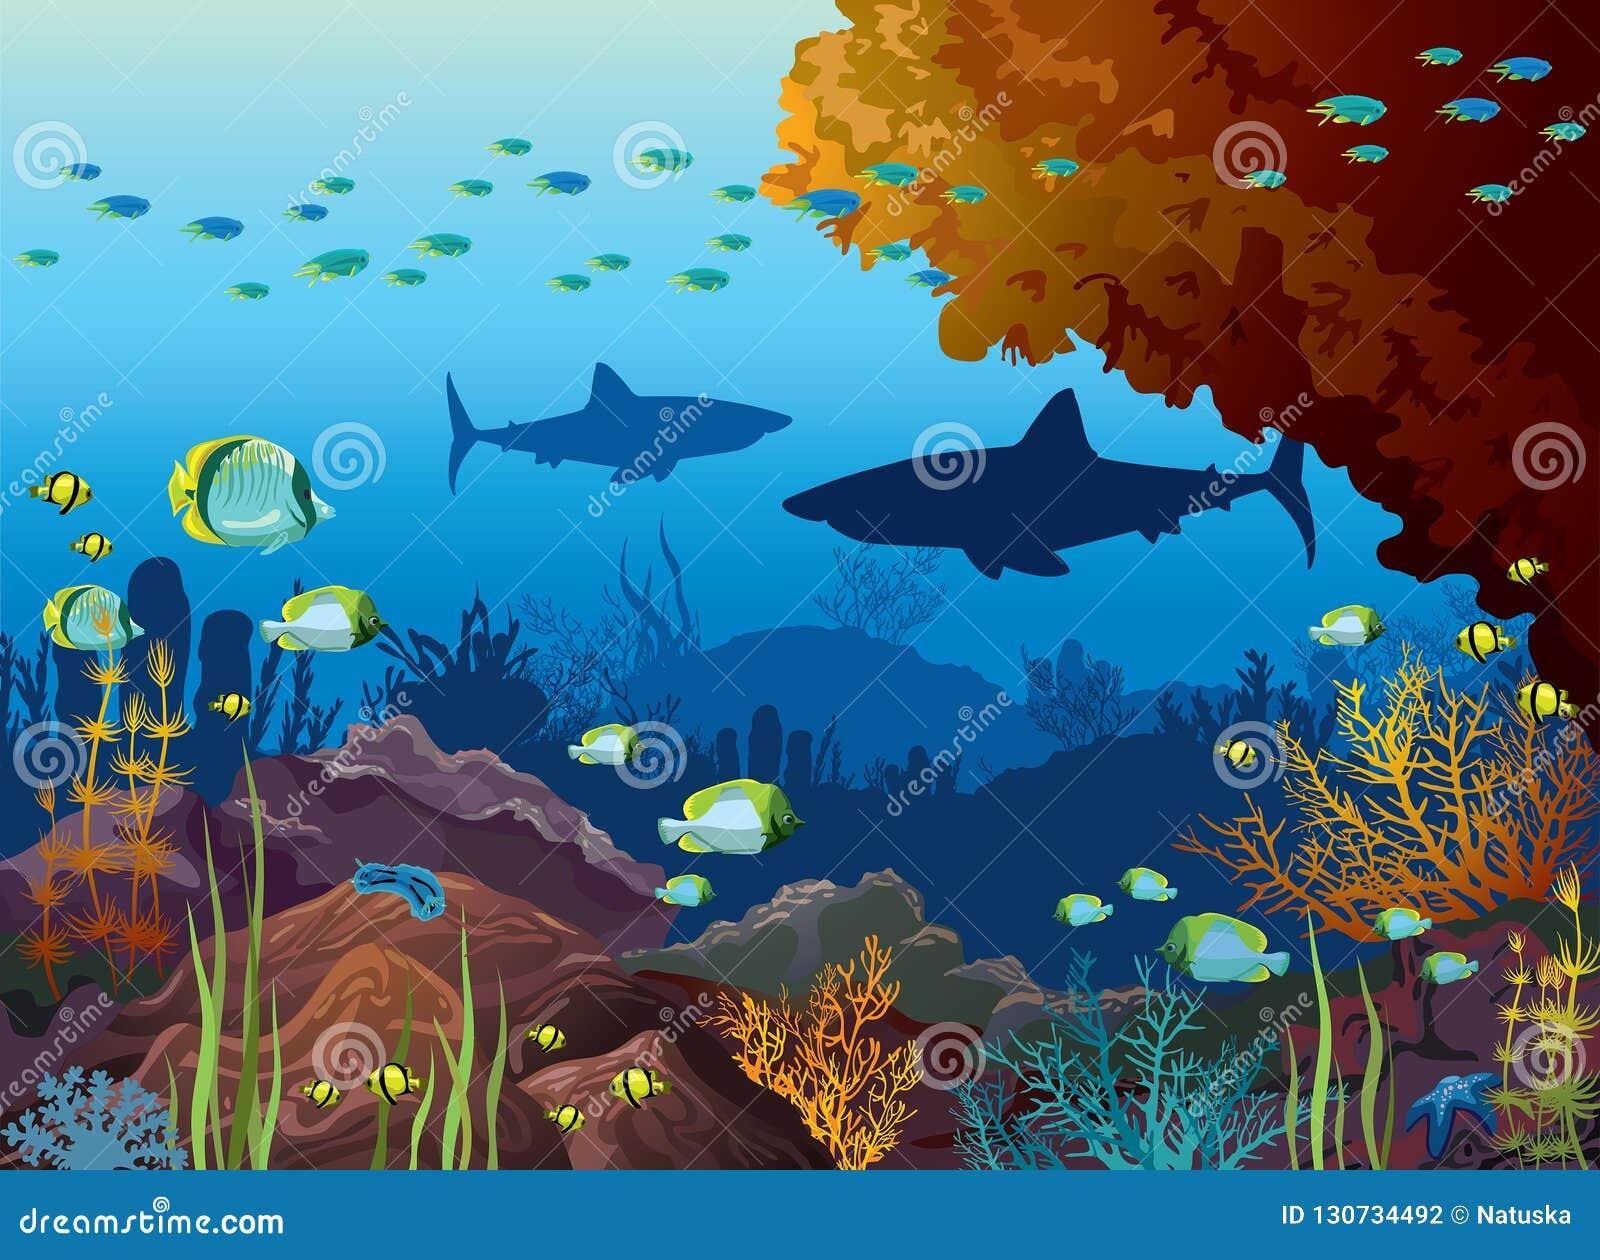 Mar subacuático - tiburones, arrecife de coral, pescado